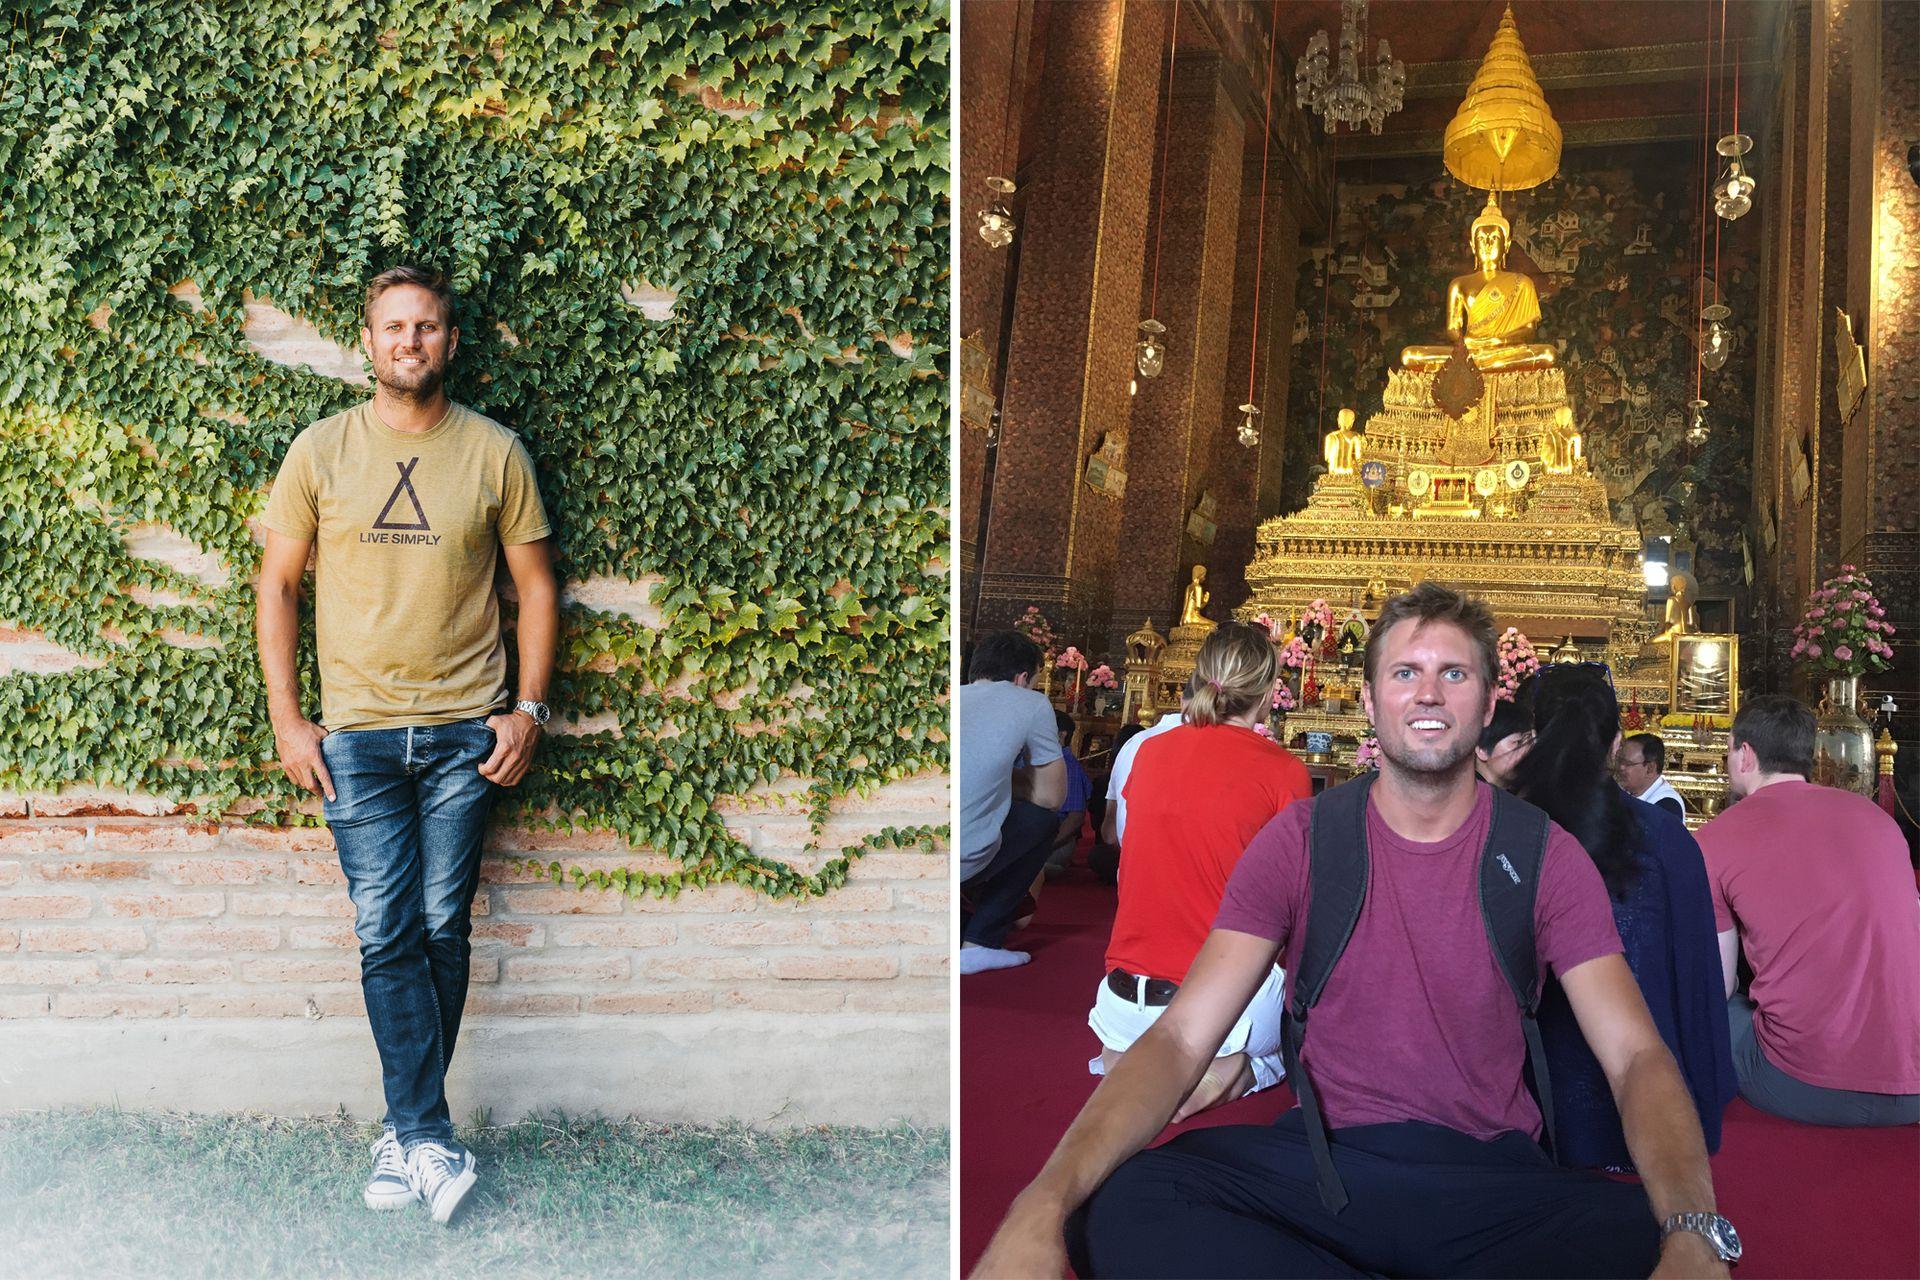 Un viaje a Europa fue el puntapié para investigar sobre la felicidad.